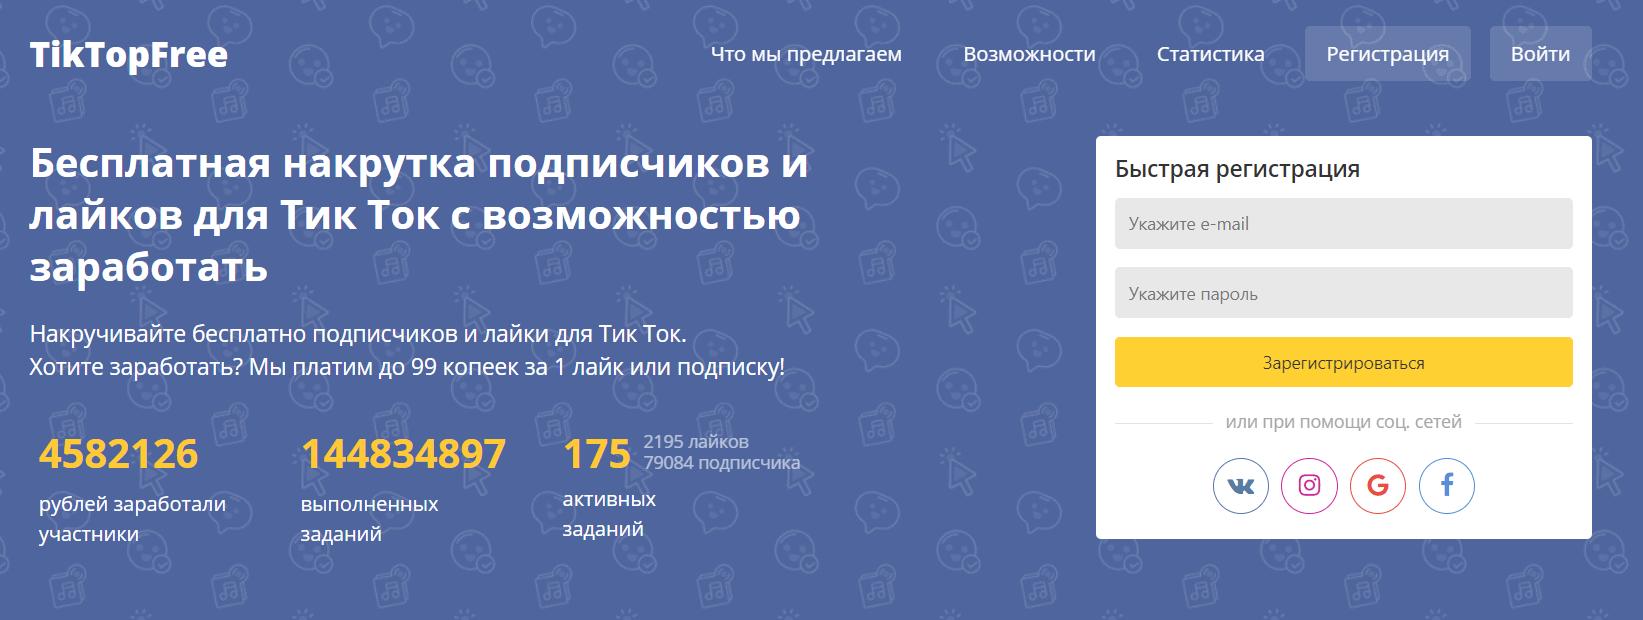 Накрутка лайков в TikTopFree